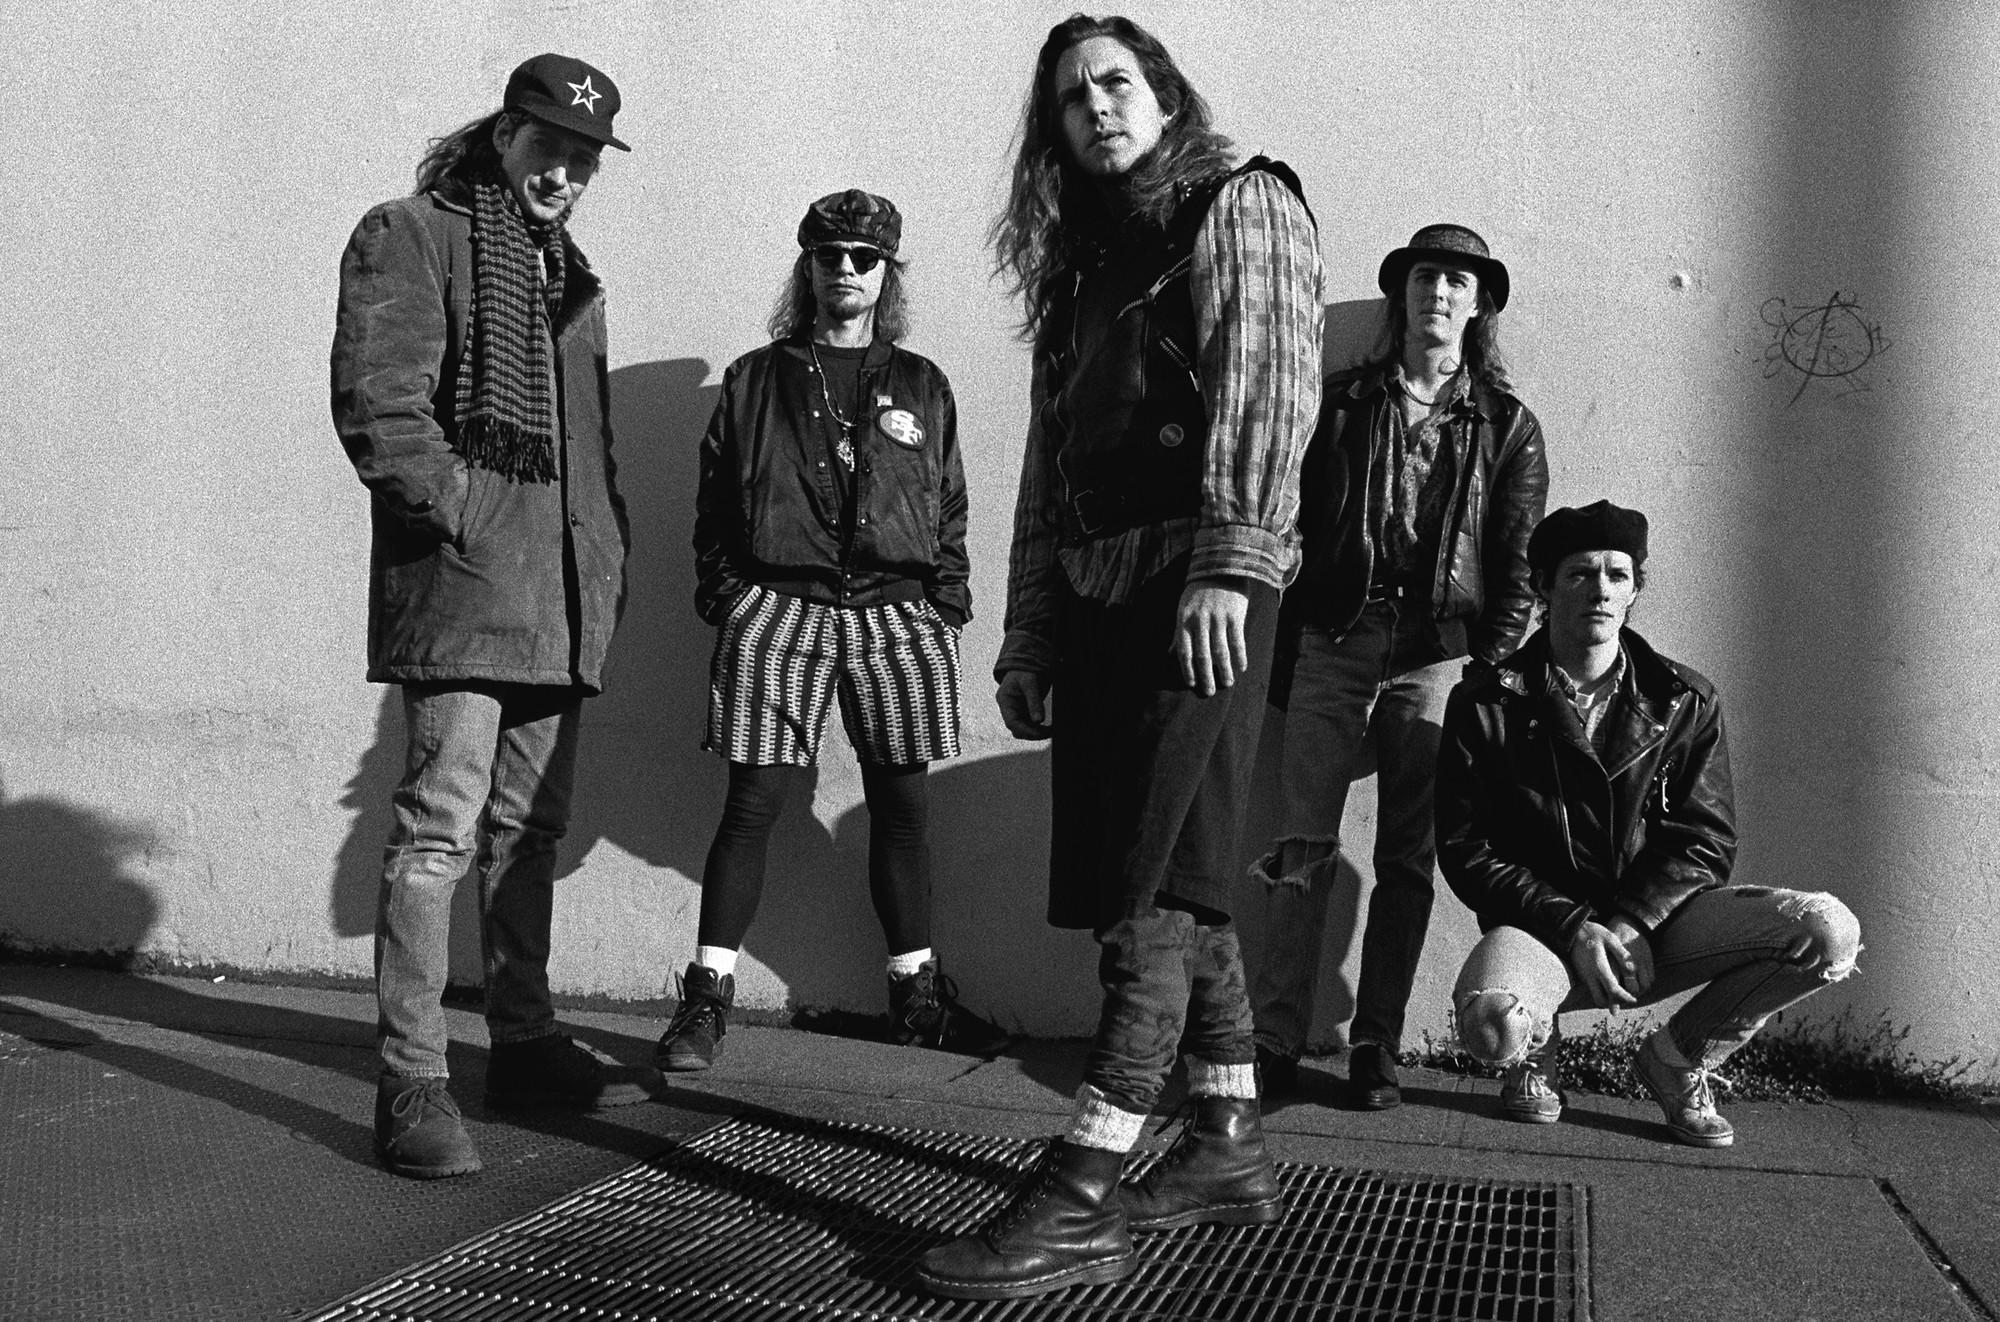 Foto dos integrantes da banda Pearl Jam. Os cinco integrantes são homens brancos, e, com exceção de Dave Krusen, todos possuem cabelos longos, abaixo do ombro. Na foto, em preto-e-branco, Stone Gassard veste um sobretudo, cachecol e um boné com uma estrela desenhada no meio. Jeff Ament veste coturno, meia-calça preta, shorts listrado preto-e-branco, jaqueta de couro preta e óculos escuros. Eddie Vedder usa coturno preto, camisa xadrez e um colete preto sobre a camisa, ele está à frente dos demais integrantes, parado em forma lateral olhando para o horizonte. Mike McCready está encostado na parede; ele veste chapéu, jaqueta de couro preta e calça jeans rasgada. Dave Krusen está agachado, usando uma boina preta, calça jeans clara rasgada e um tênis branco.